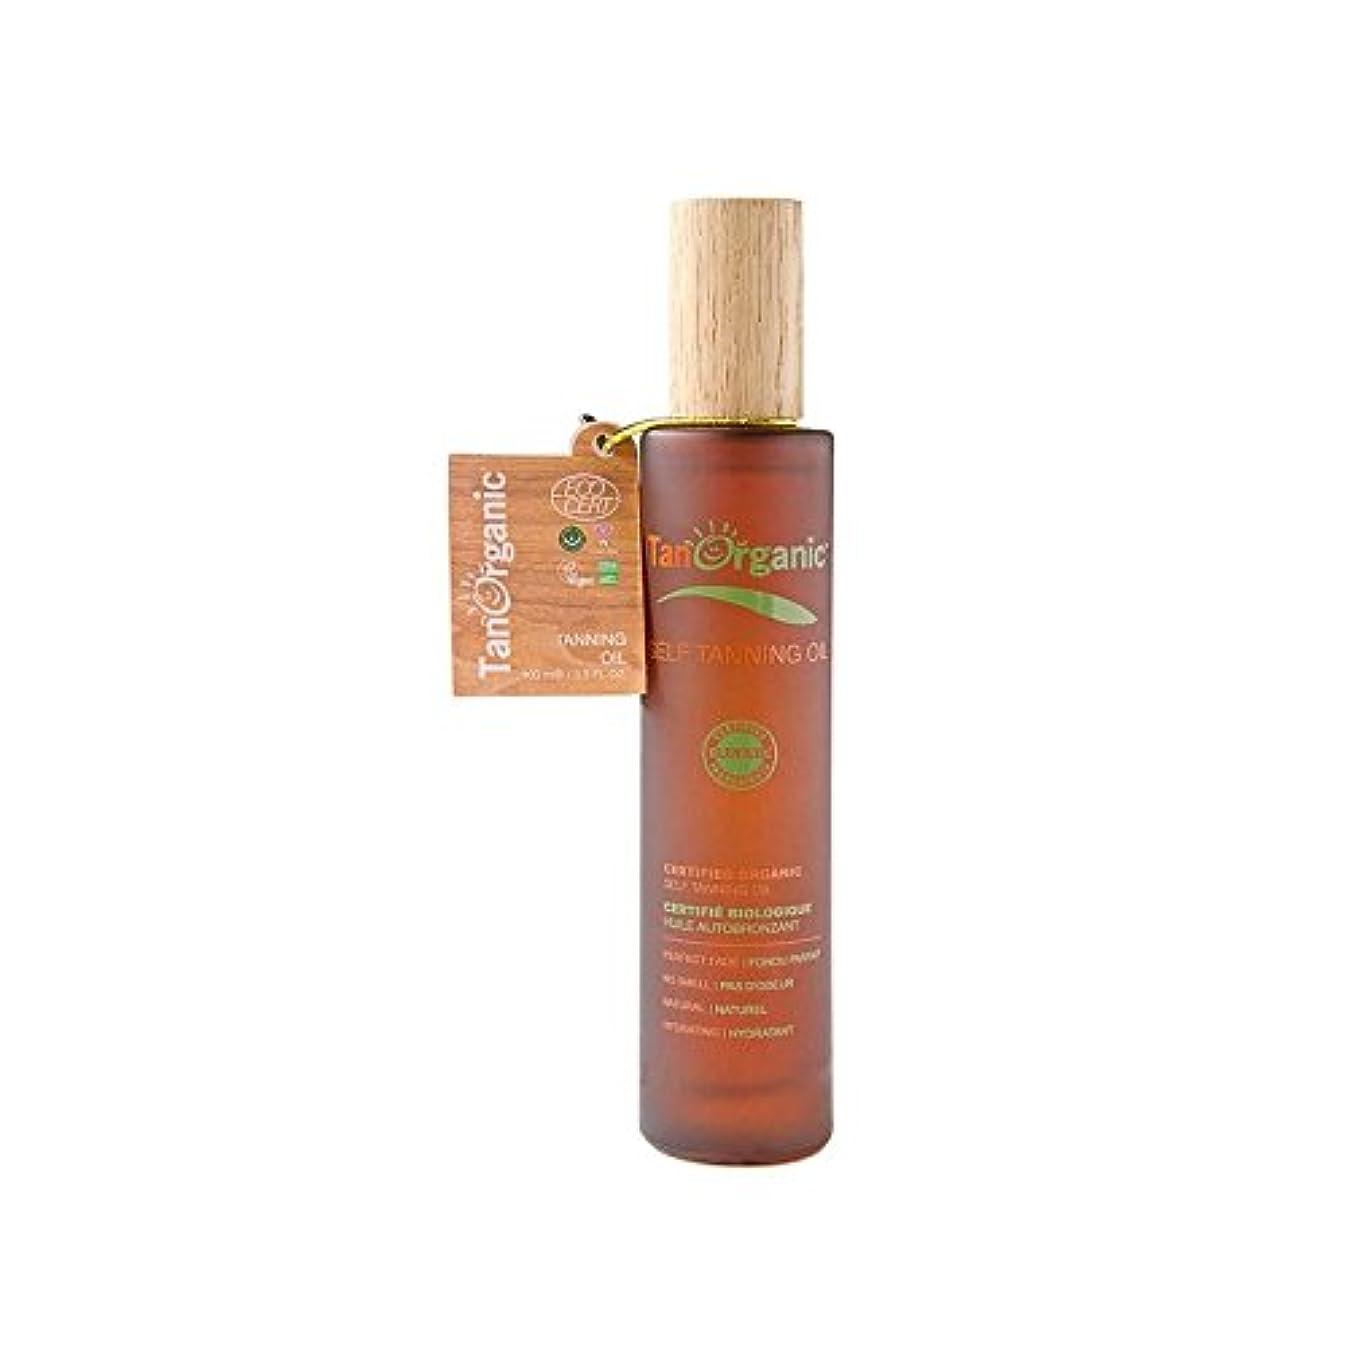 れんが劇作家経済Tanorganic自己日焼け顔&ボディオイル (Tan Organic) (x 4) - TanOrganic Self-Tan Face & Body Oil (Pack of 4) [並行輸入品]